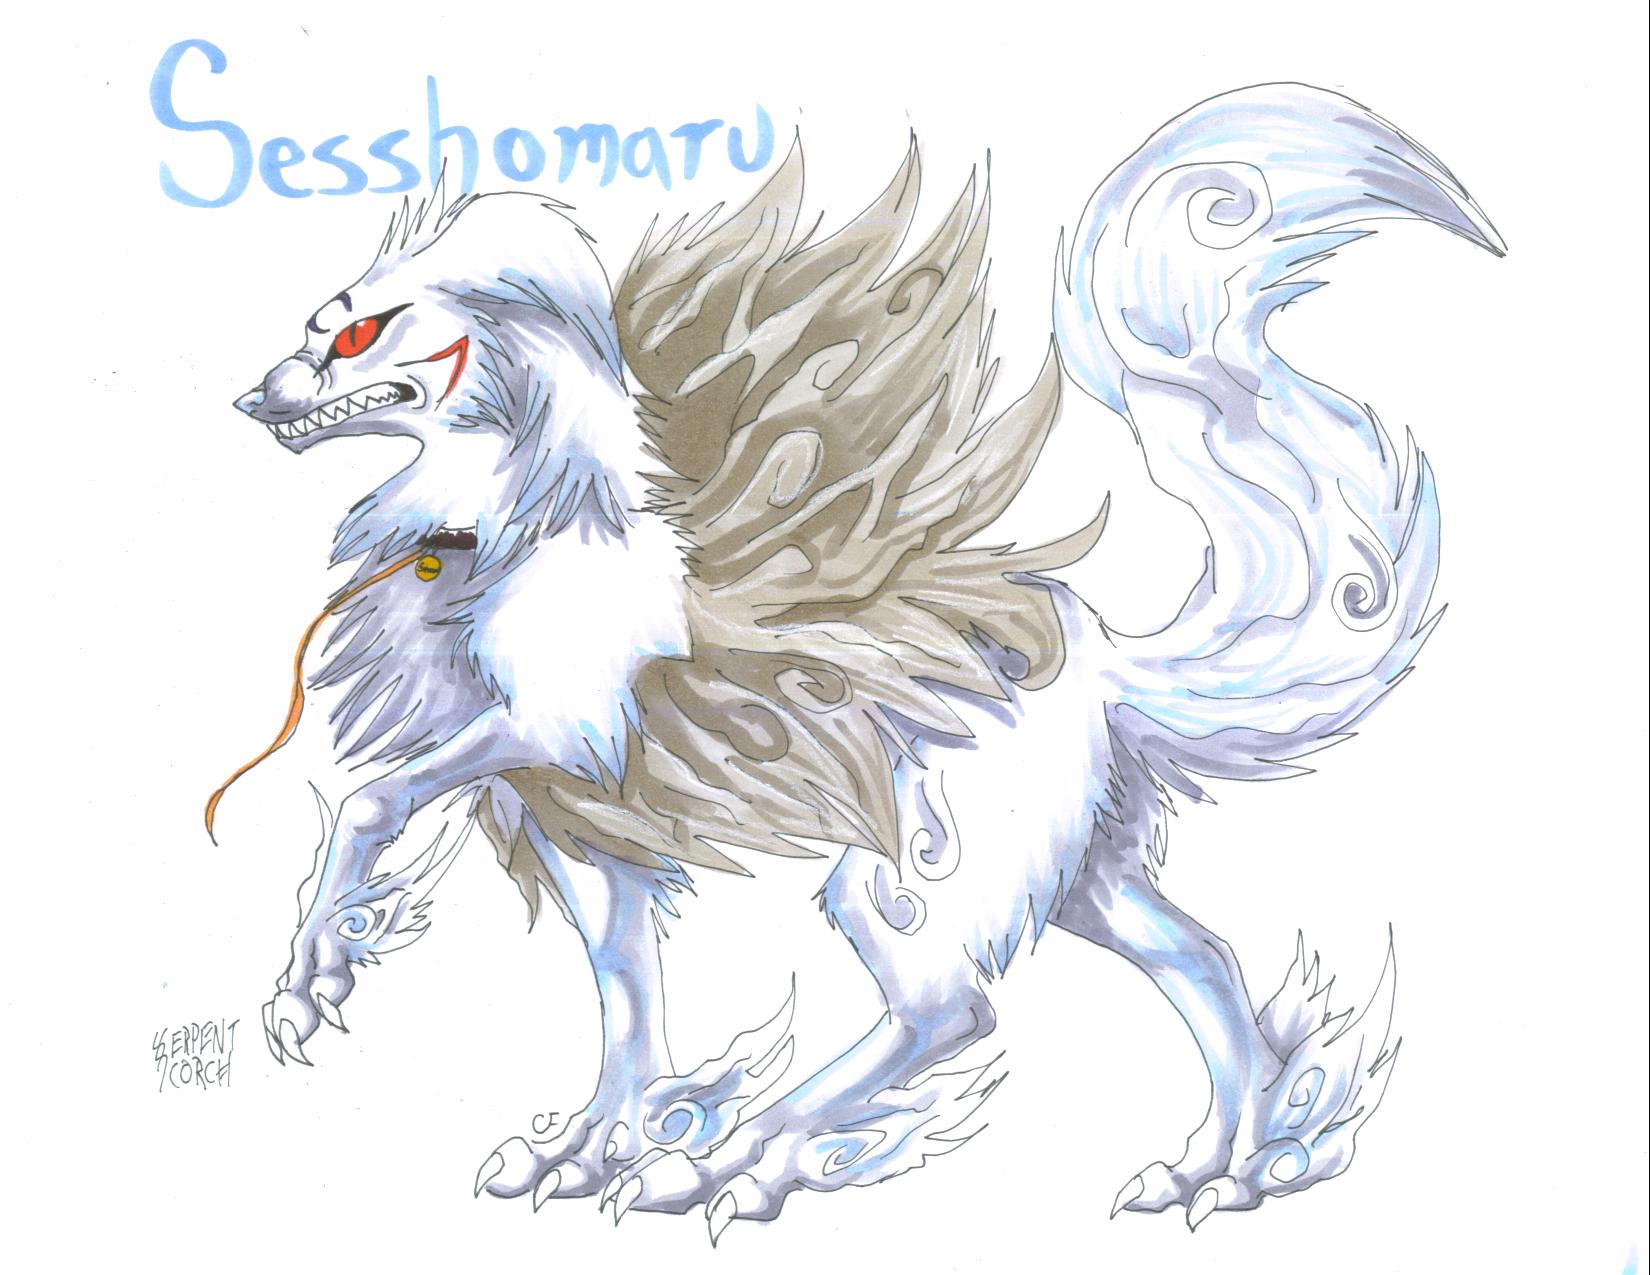 Sesshomaru dog form